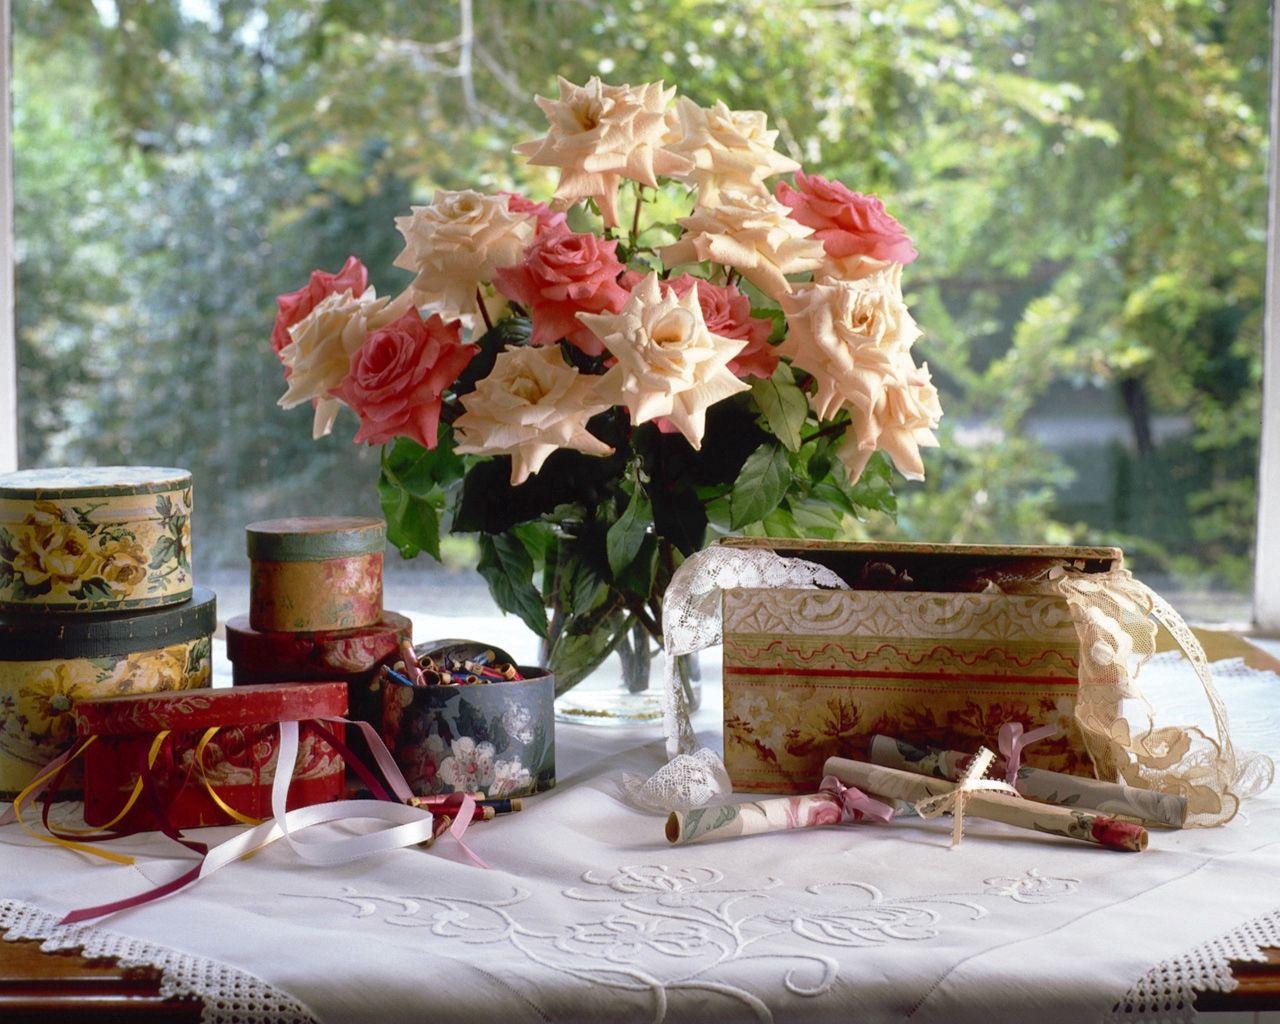 64205 скачать обои Цветы, Букет, Ваза, Окно, Шкатулки, Салфетка, Раритет, Старина, Розы - заставки и картинки бесплатно